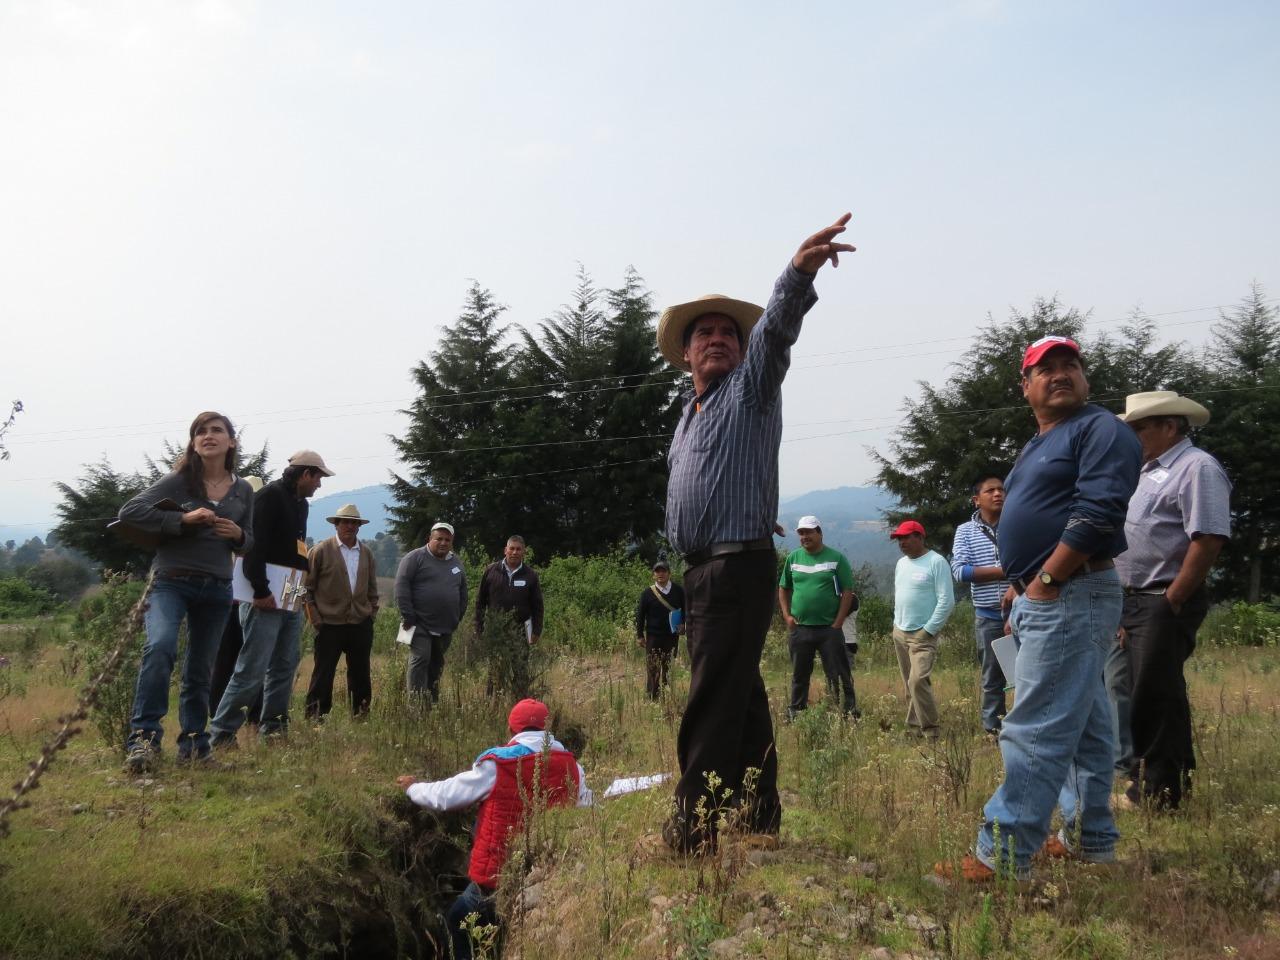 Manejo Forestal -Comunidad Rincón de Guadalupe, municipio de Amanalco, Estado de México